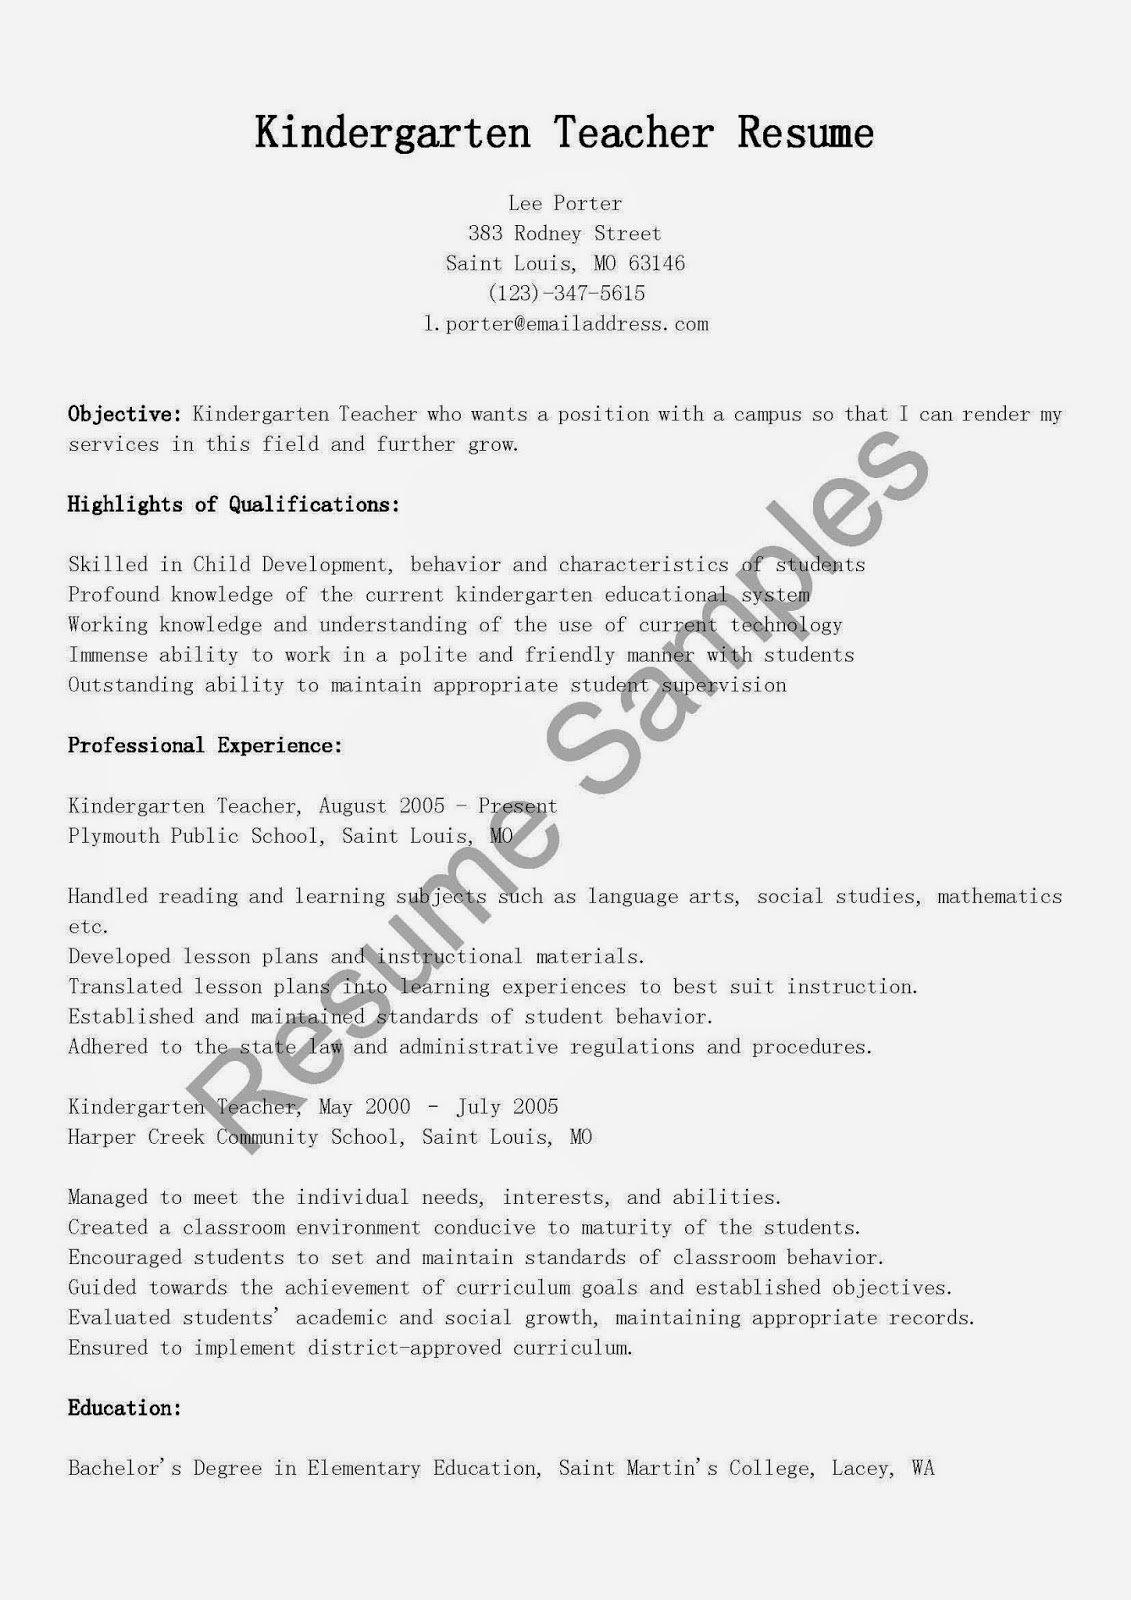 Resume Samples Kindergarten Teacher Resume Sample